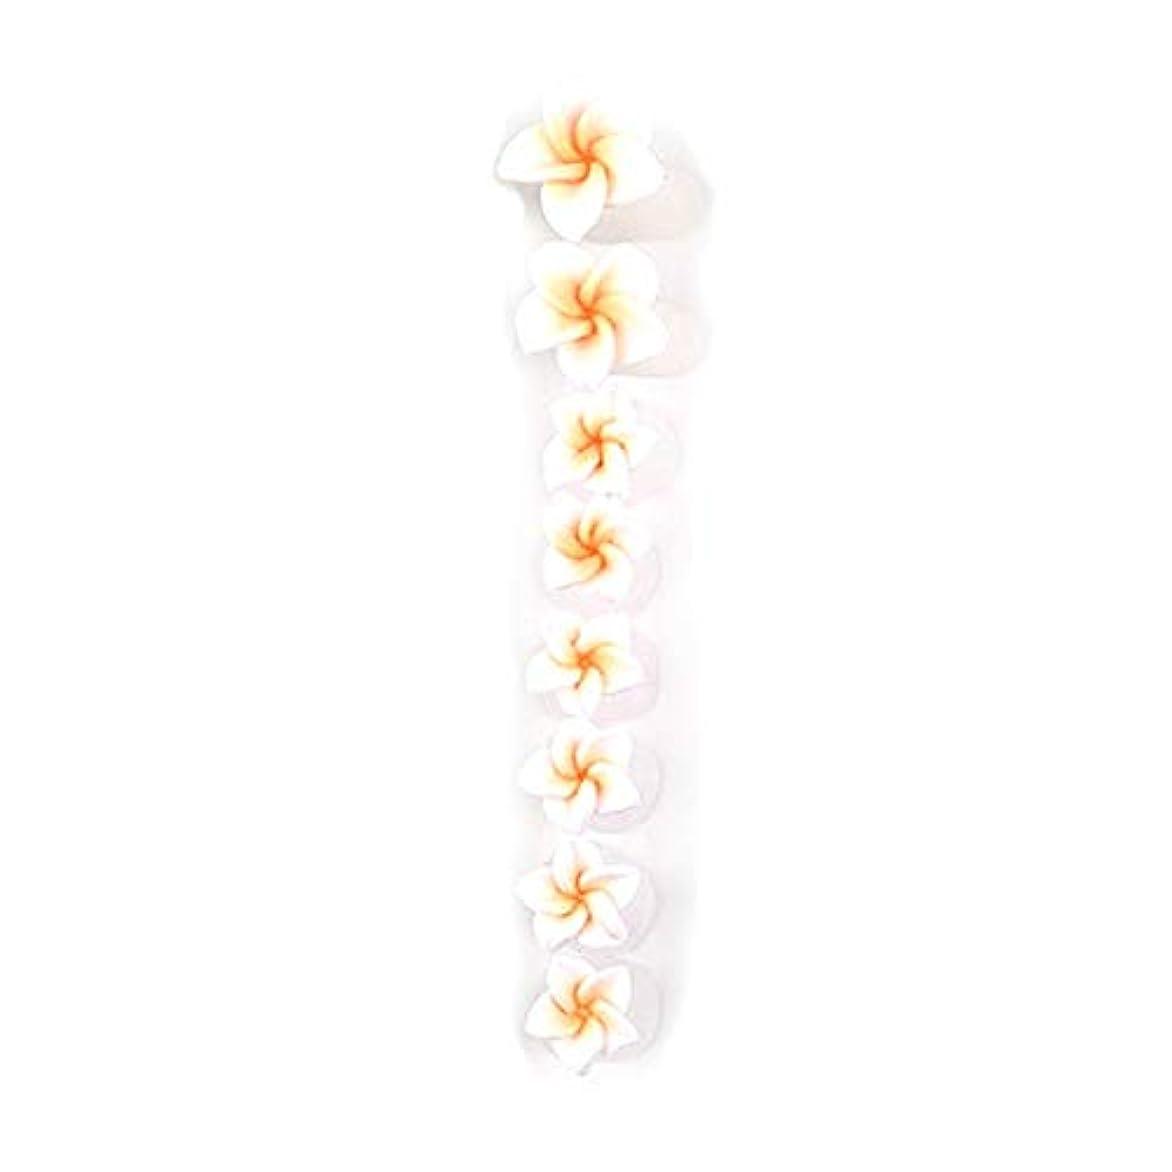 インフレーション休憩機知に富んだ8ピース/セットシリコンつま先セパレーター足つま先スペーサー花形ペディキュアDIYネイルアートツール-カラフル01#